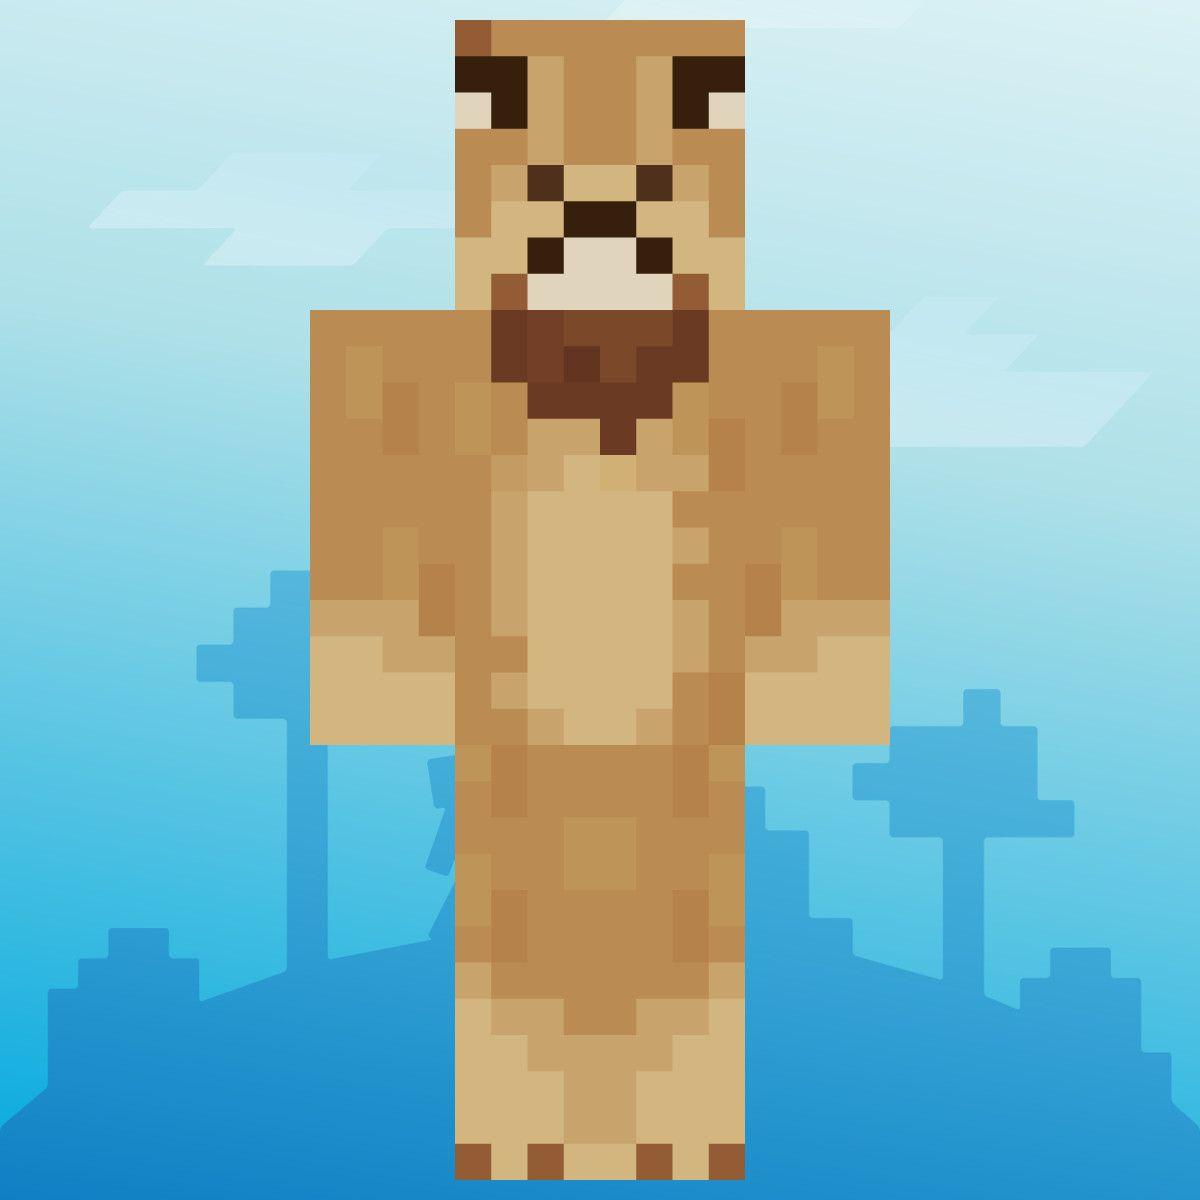 lionmaker minecraft skin - Google Search  Minecraft skins boy